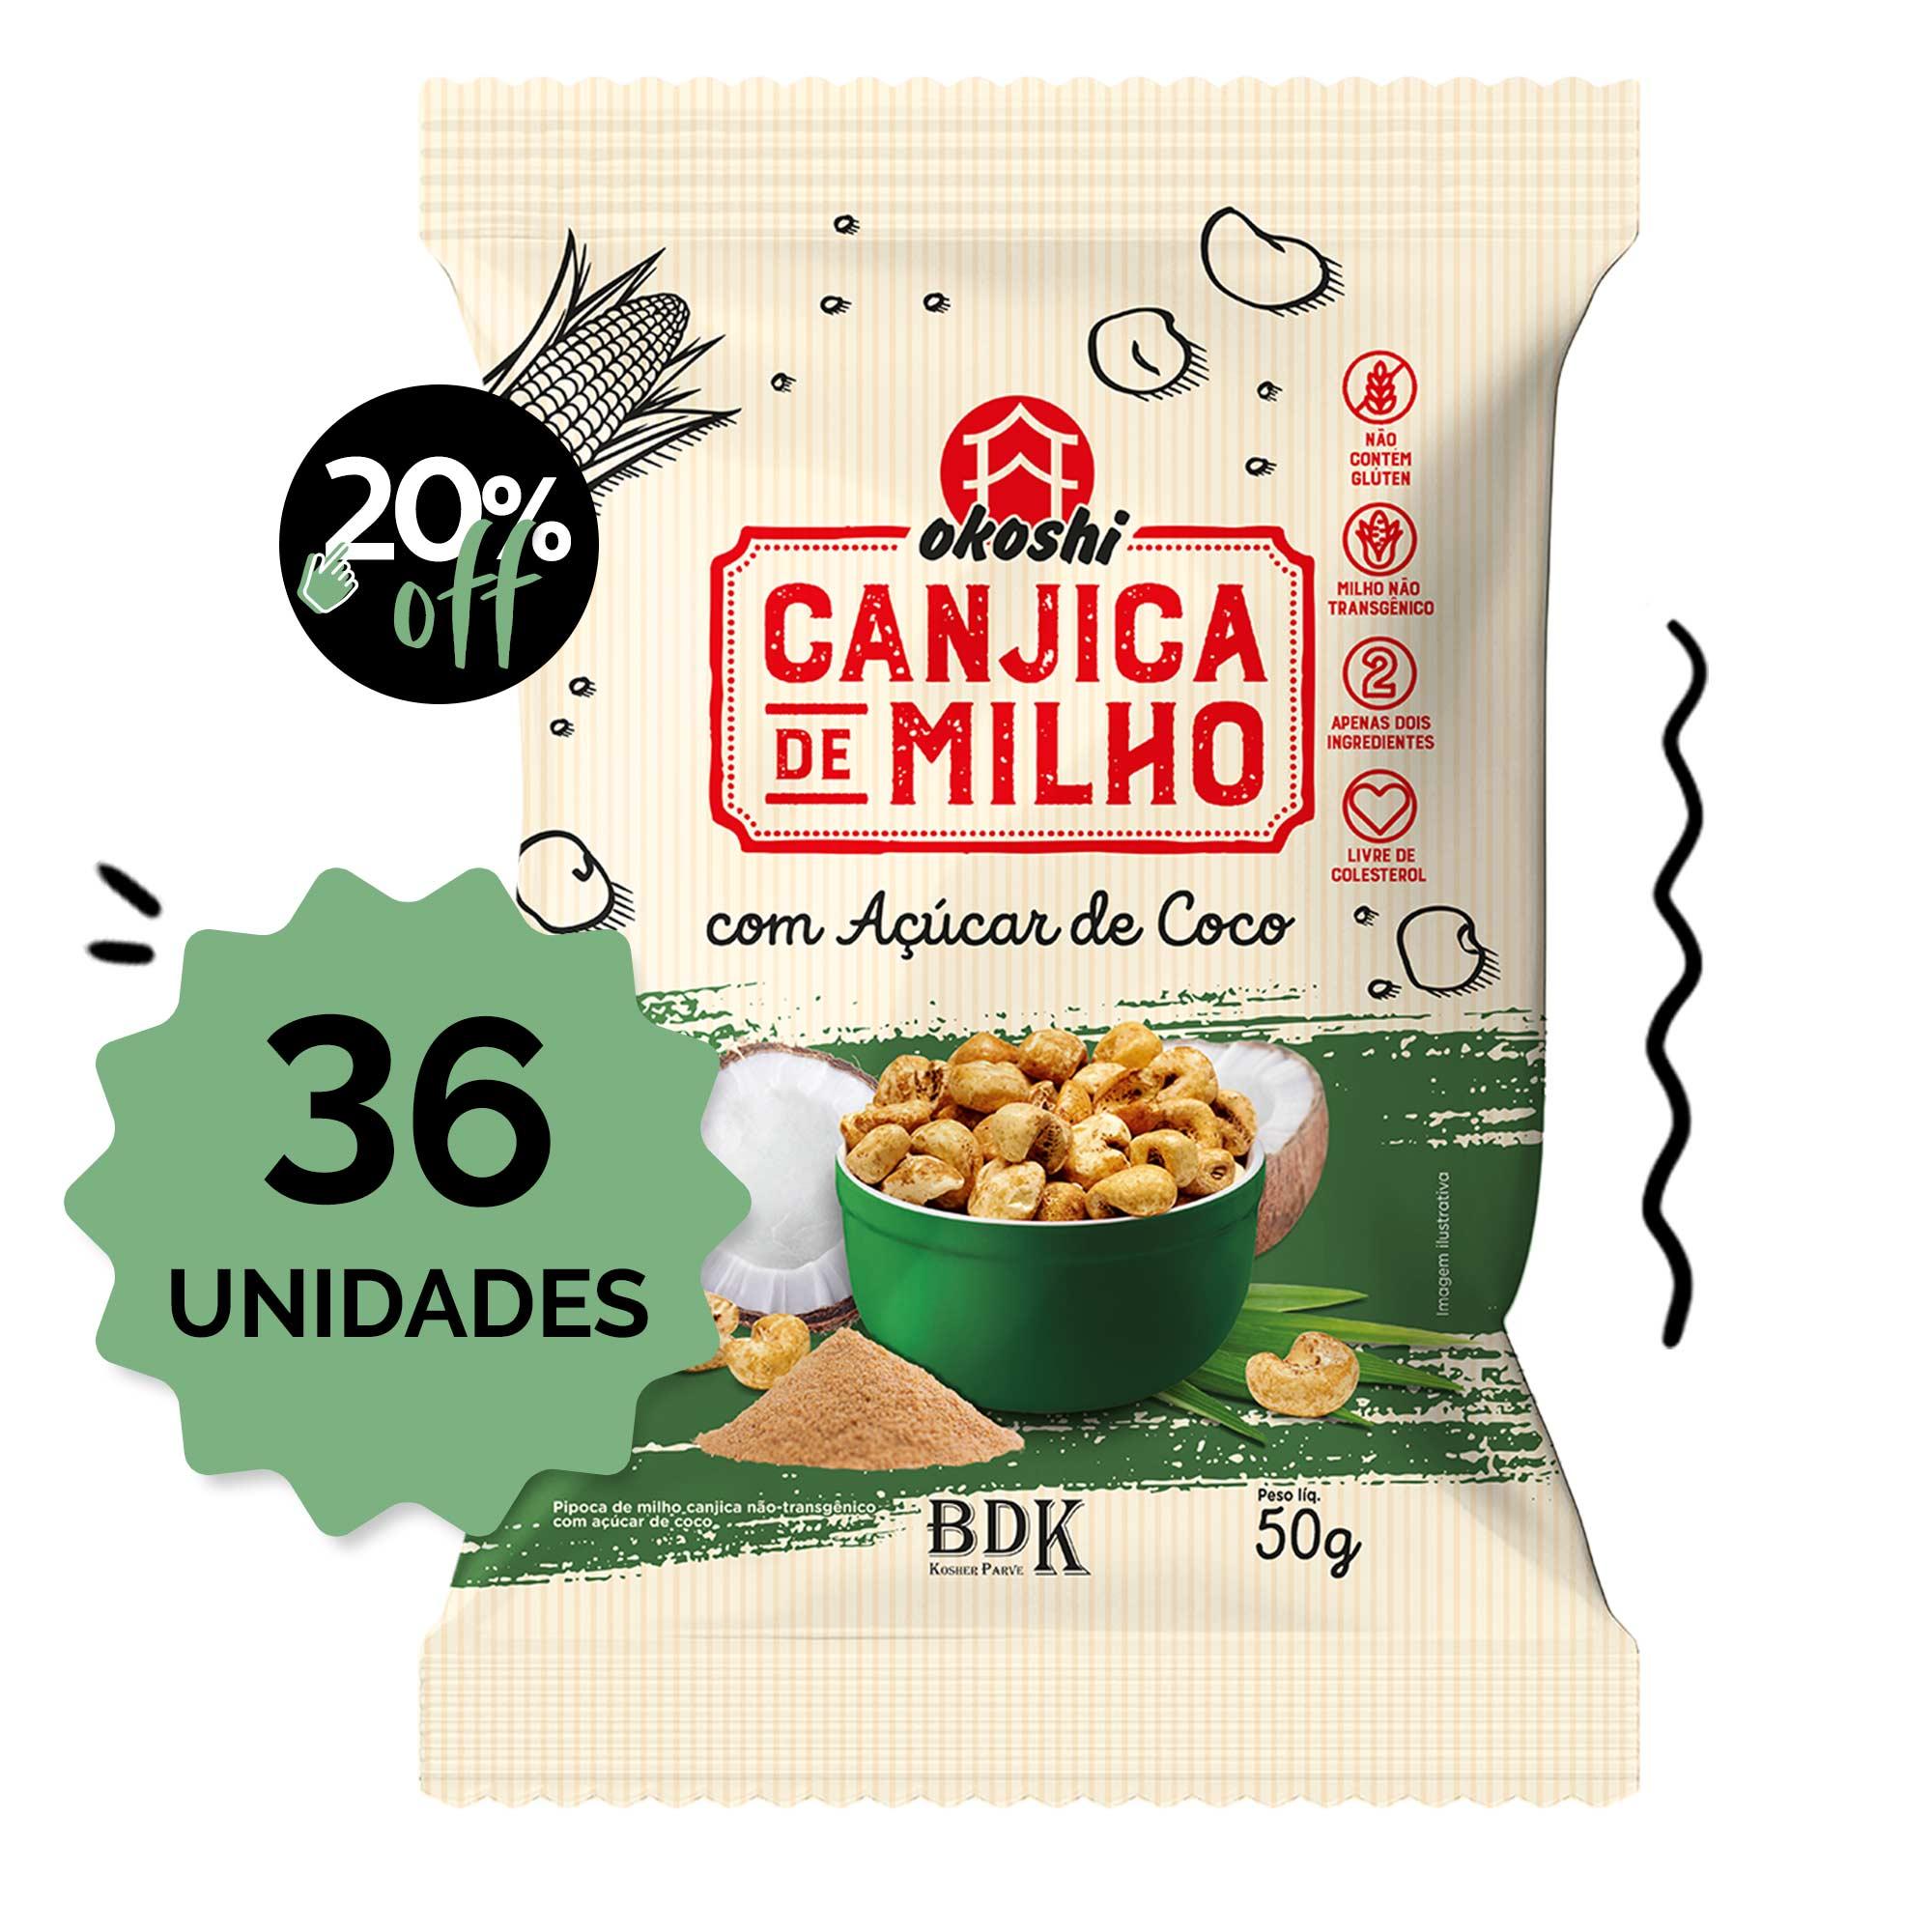 SUPER PACK 36 unidades - Canjica de Milho com Açúcar de Coco